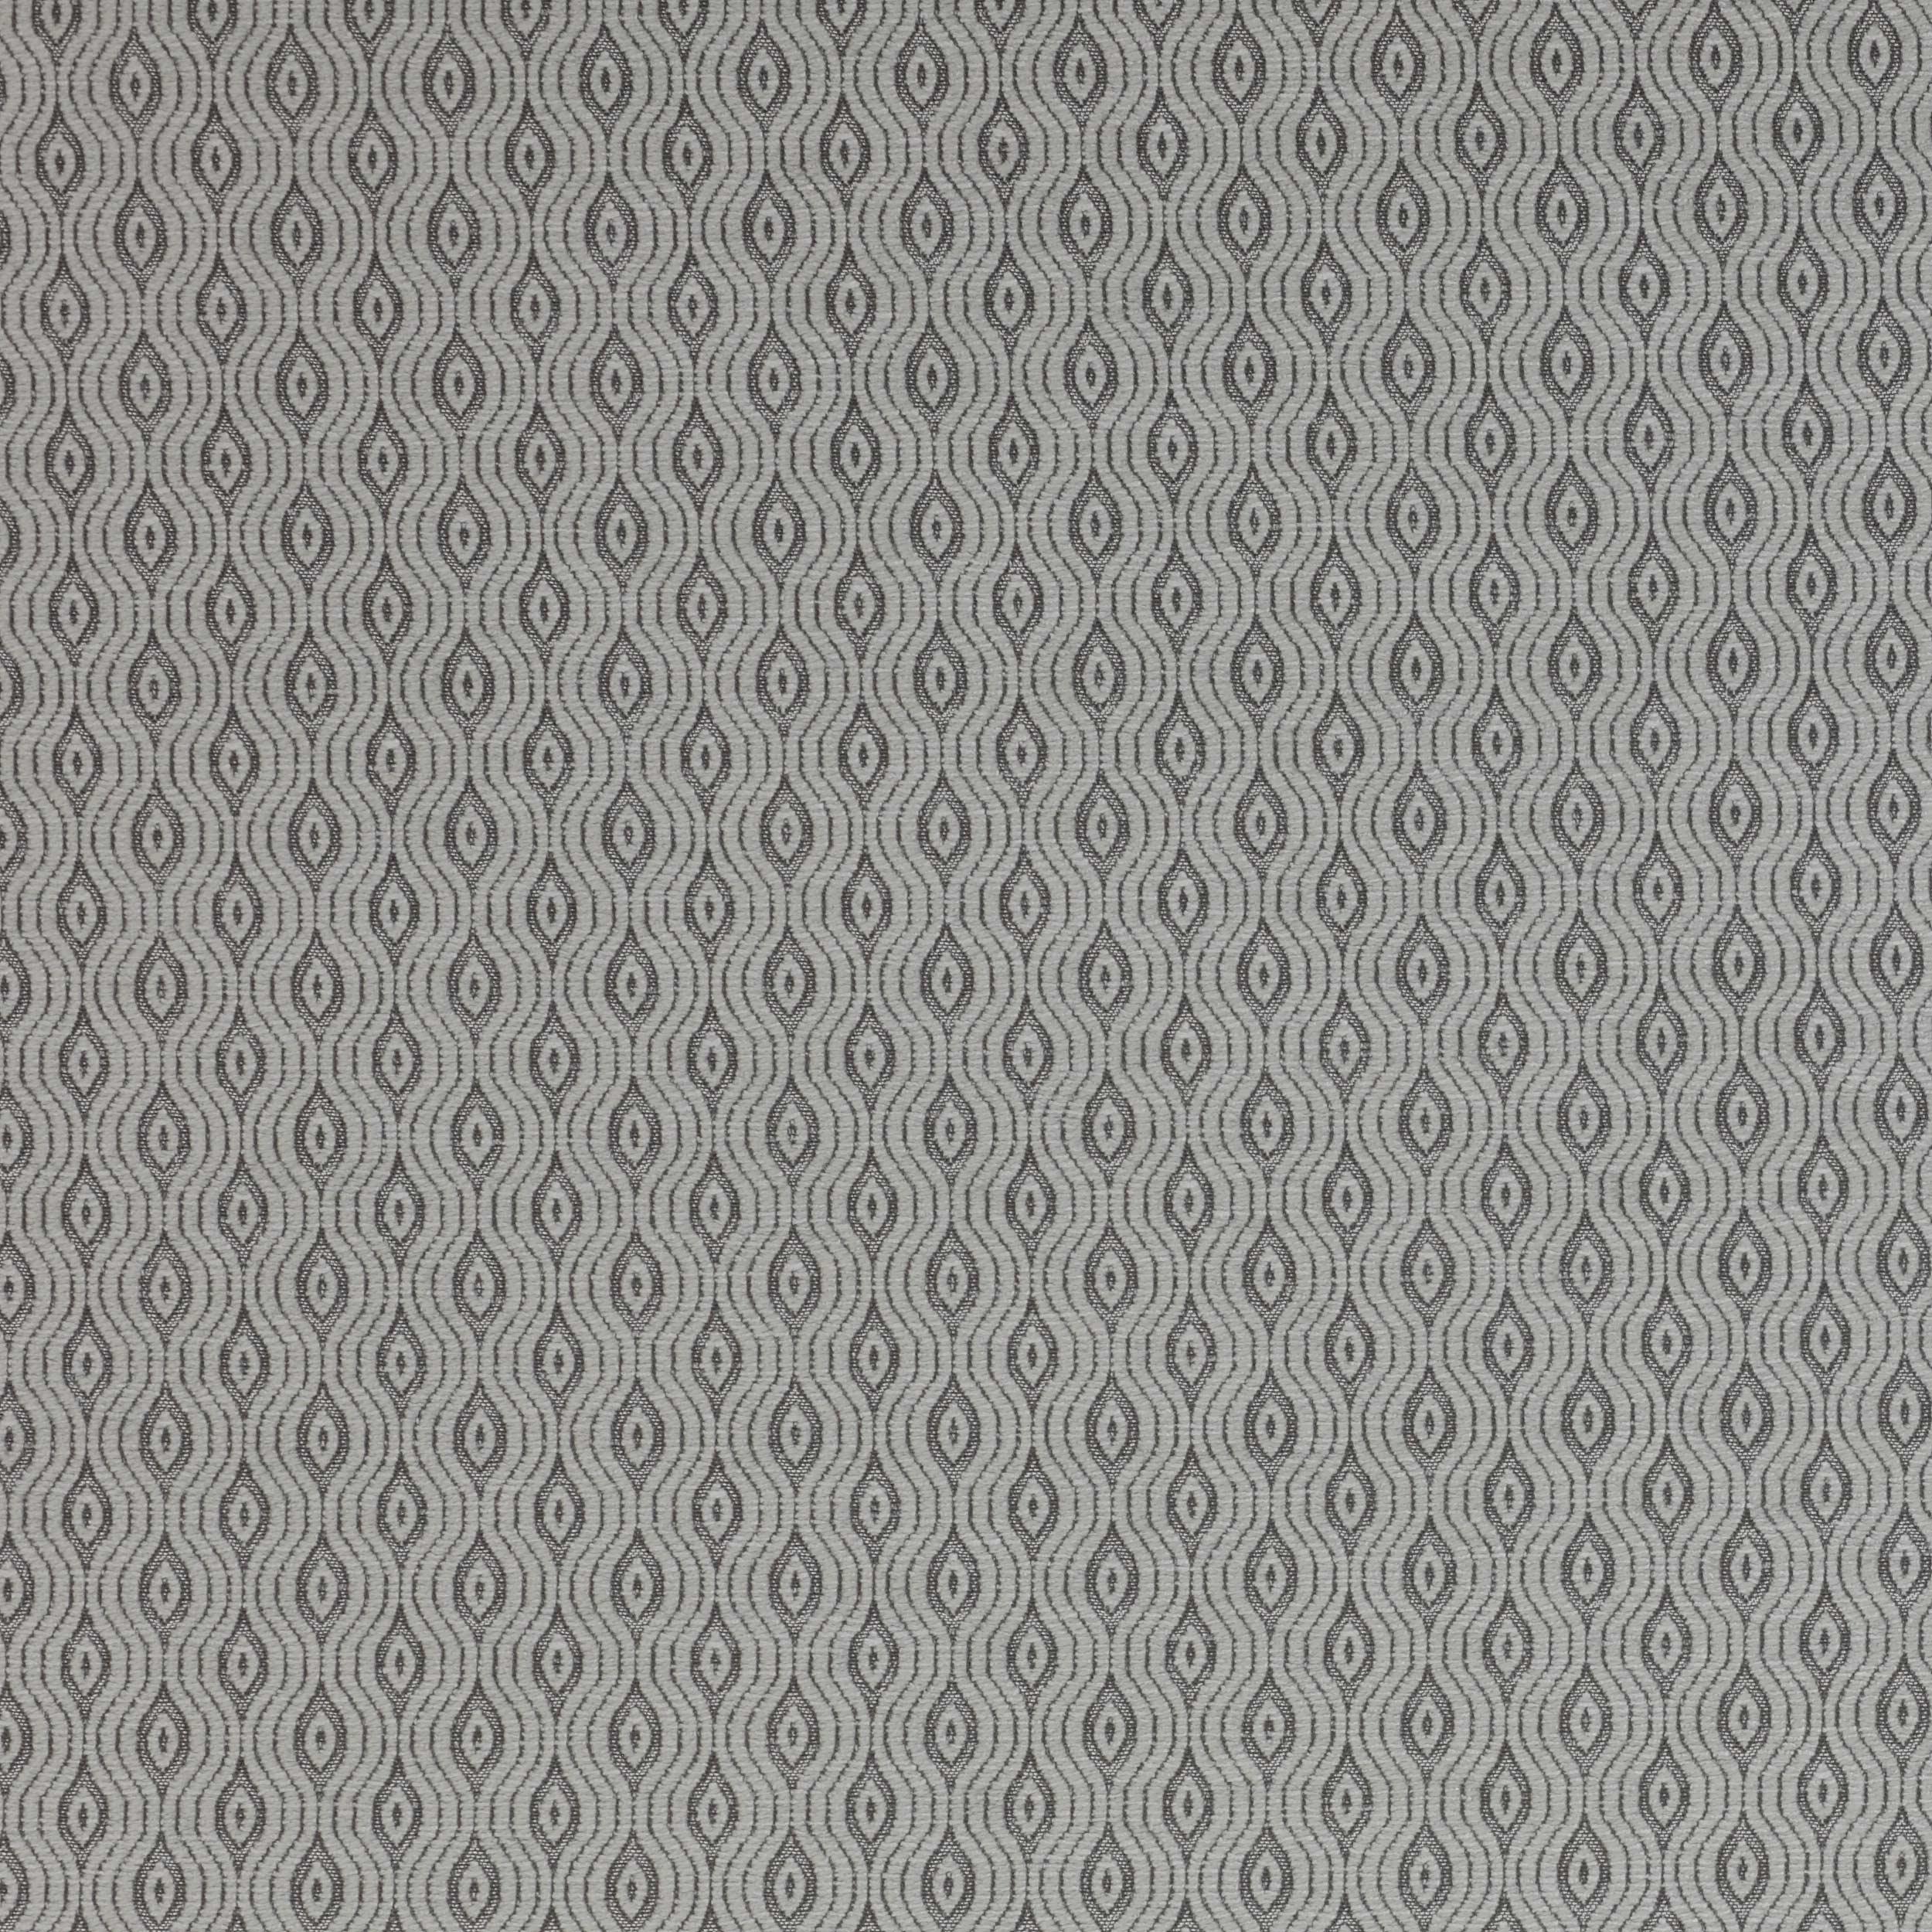 tissu loren papiers peints par diteurs jane churchill. Black Bedroom Furniture Sets. Home Design Ideas